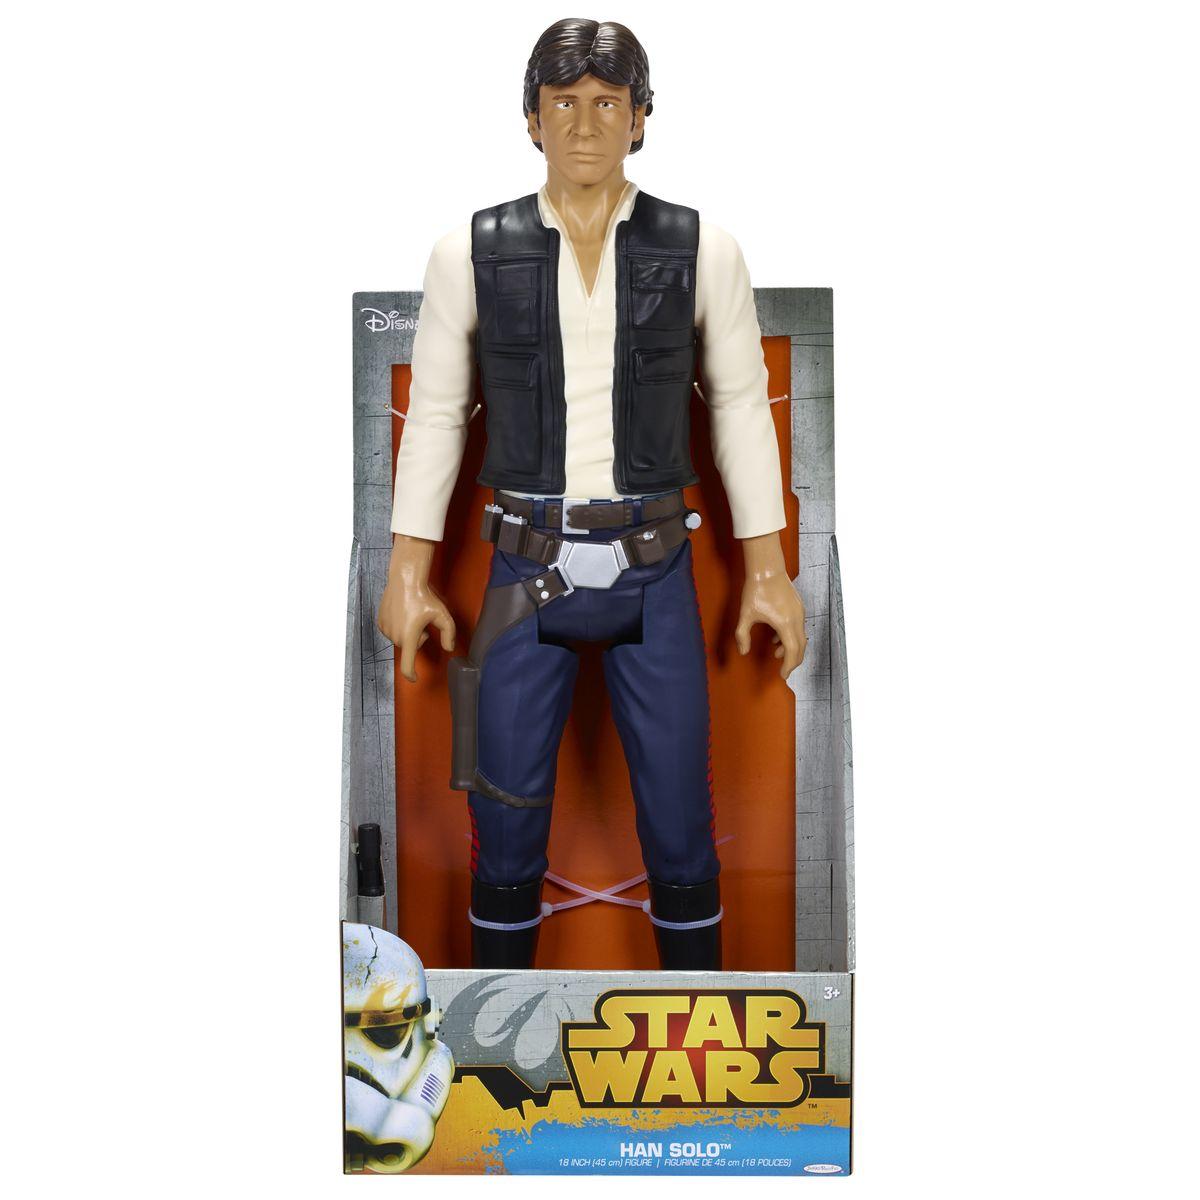 Фигура Звездные Войны Хан Соло, 46 см835850Фигура 46 см персонажа из саги Звездные Войны. 7 точек артикуляции, от 3х лет